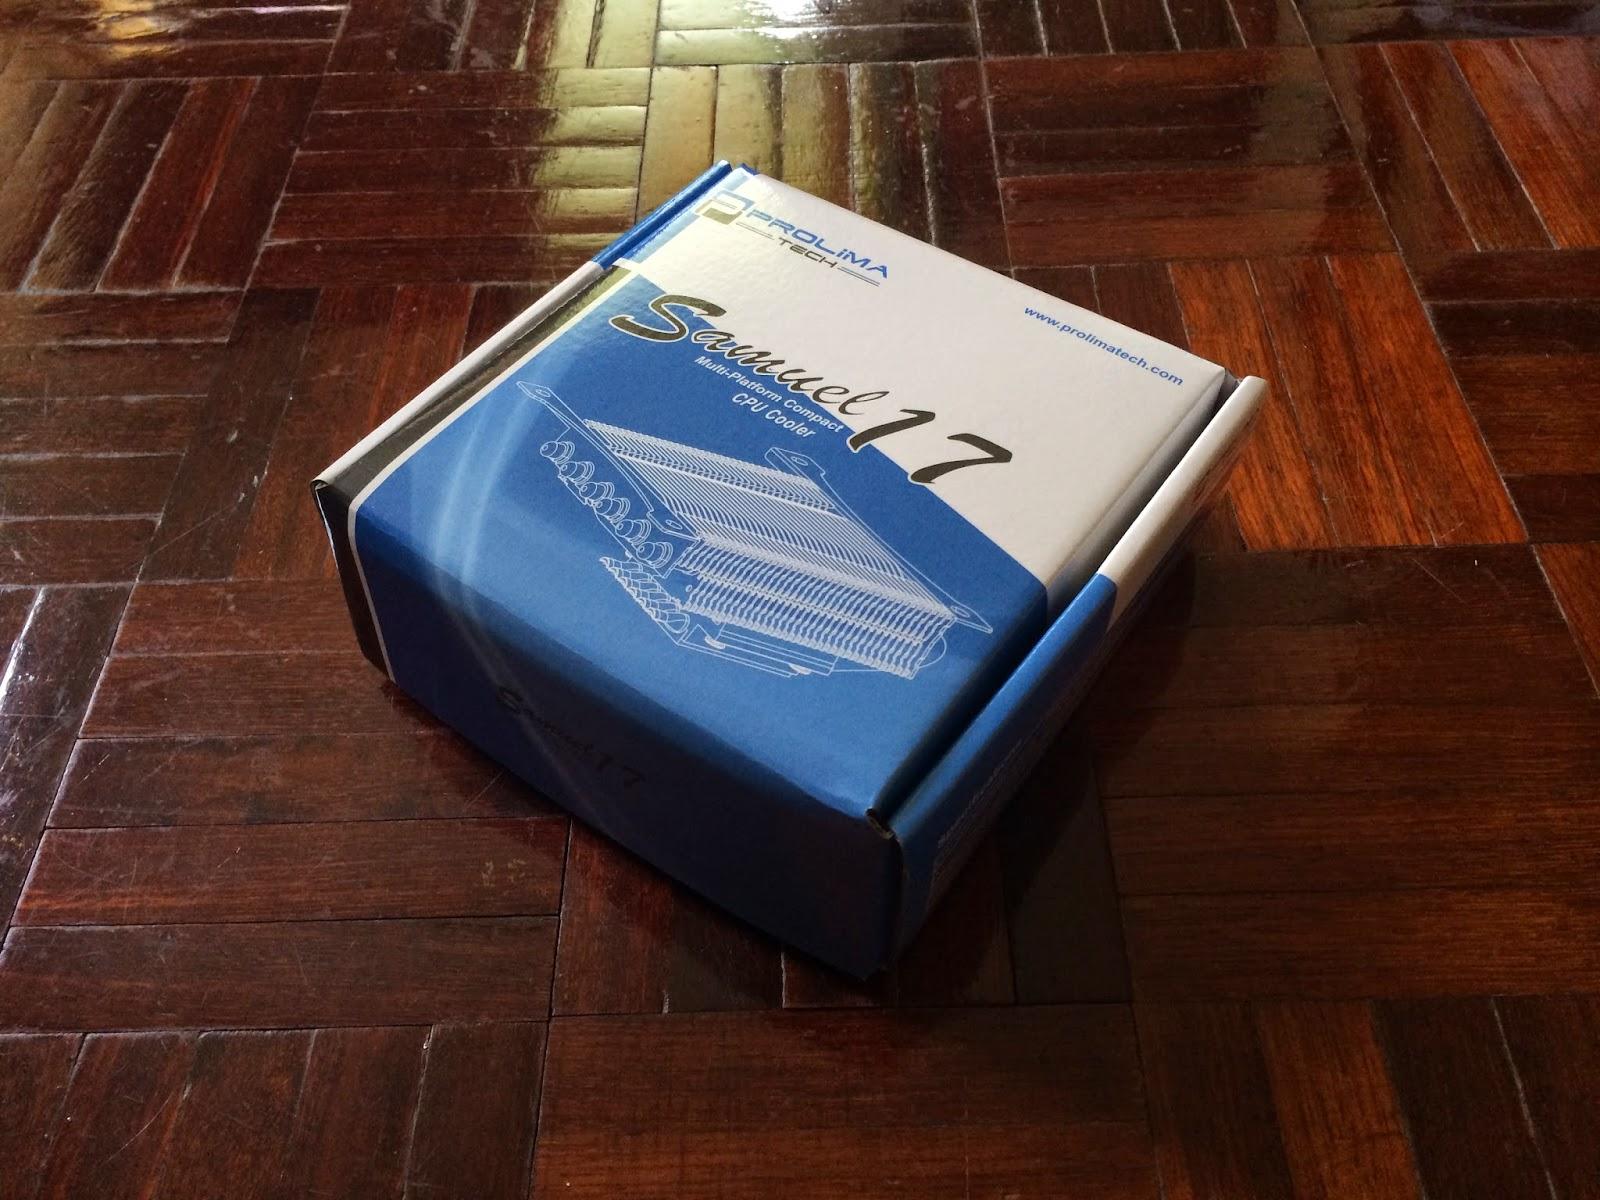 Unboxing & Review: Prolimatech Samuel 17 Low Profile CPU Cooler 1